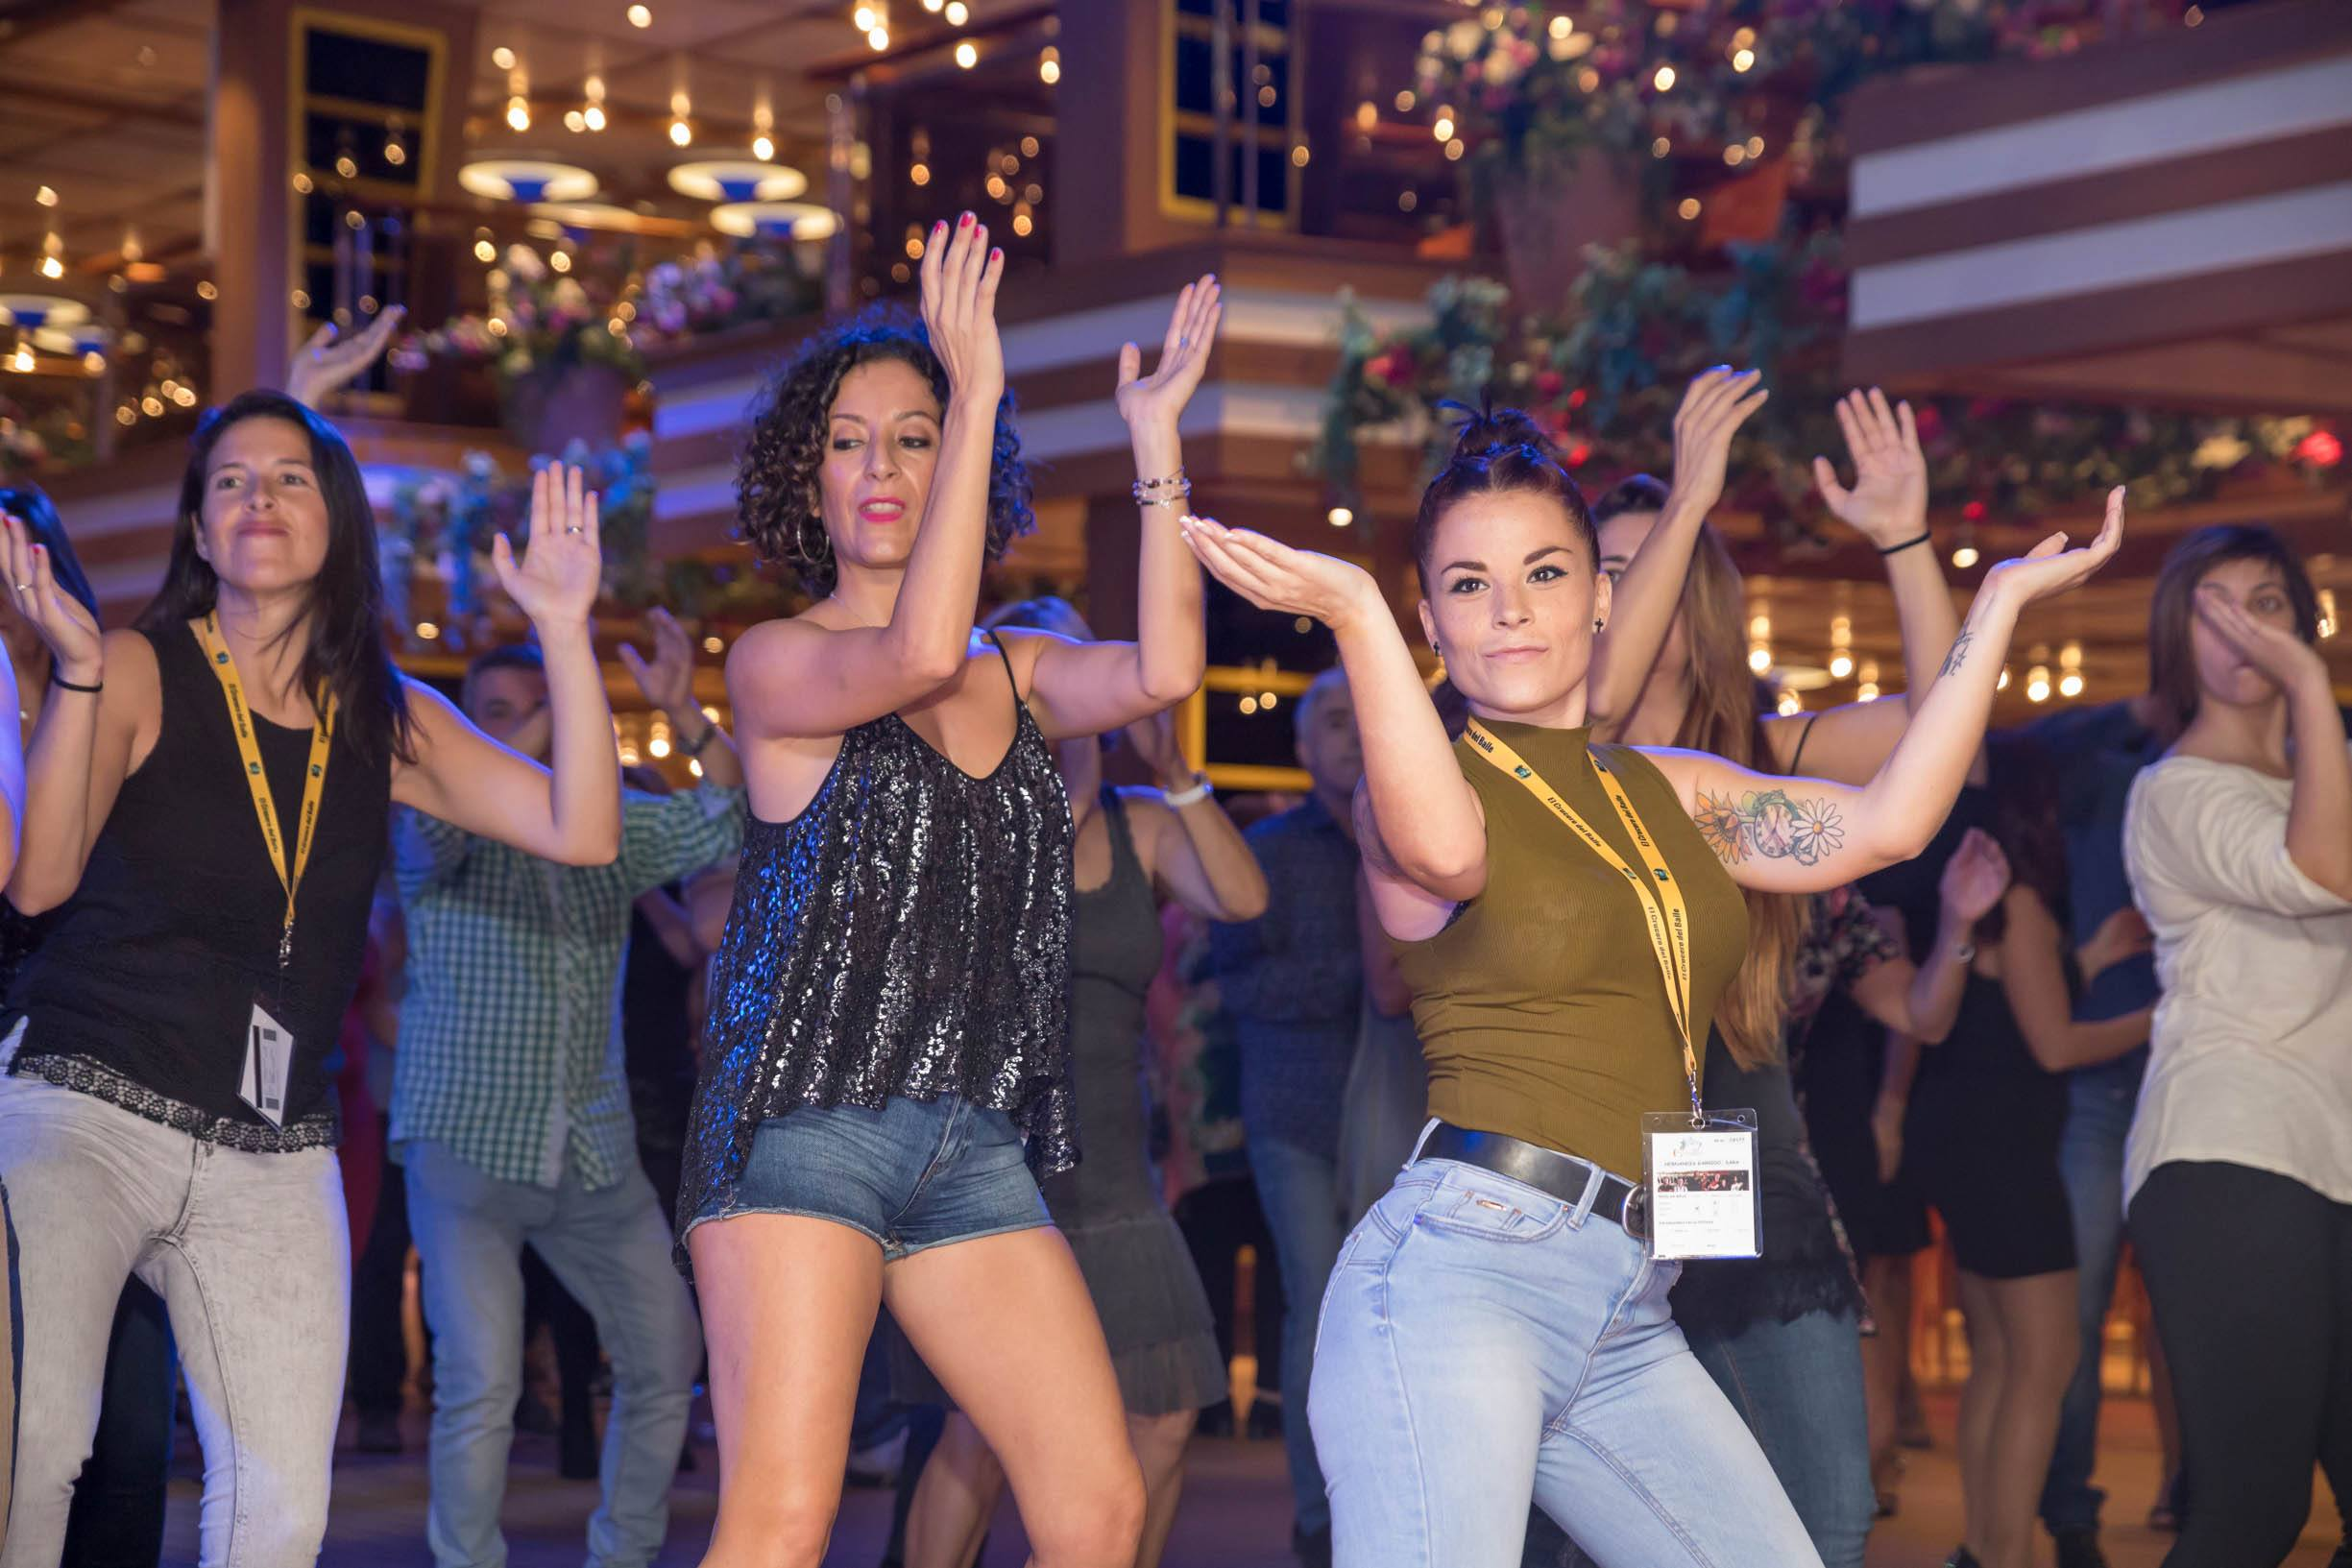 Clases de Baile y Actividades en Crucero Salsero